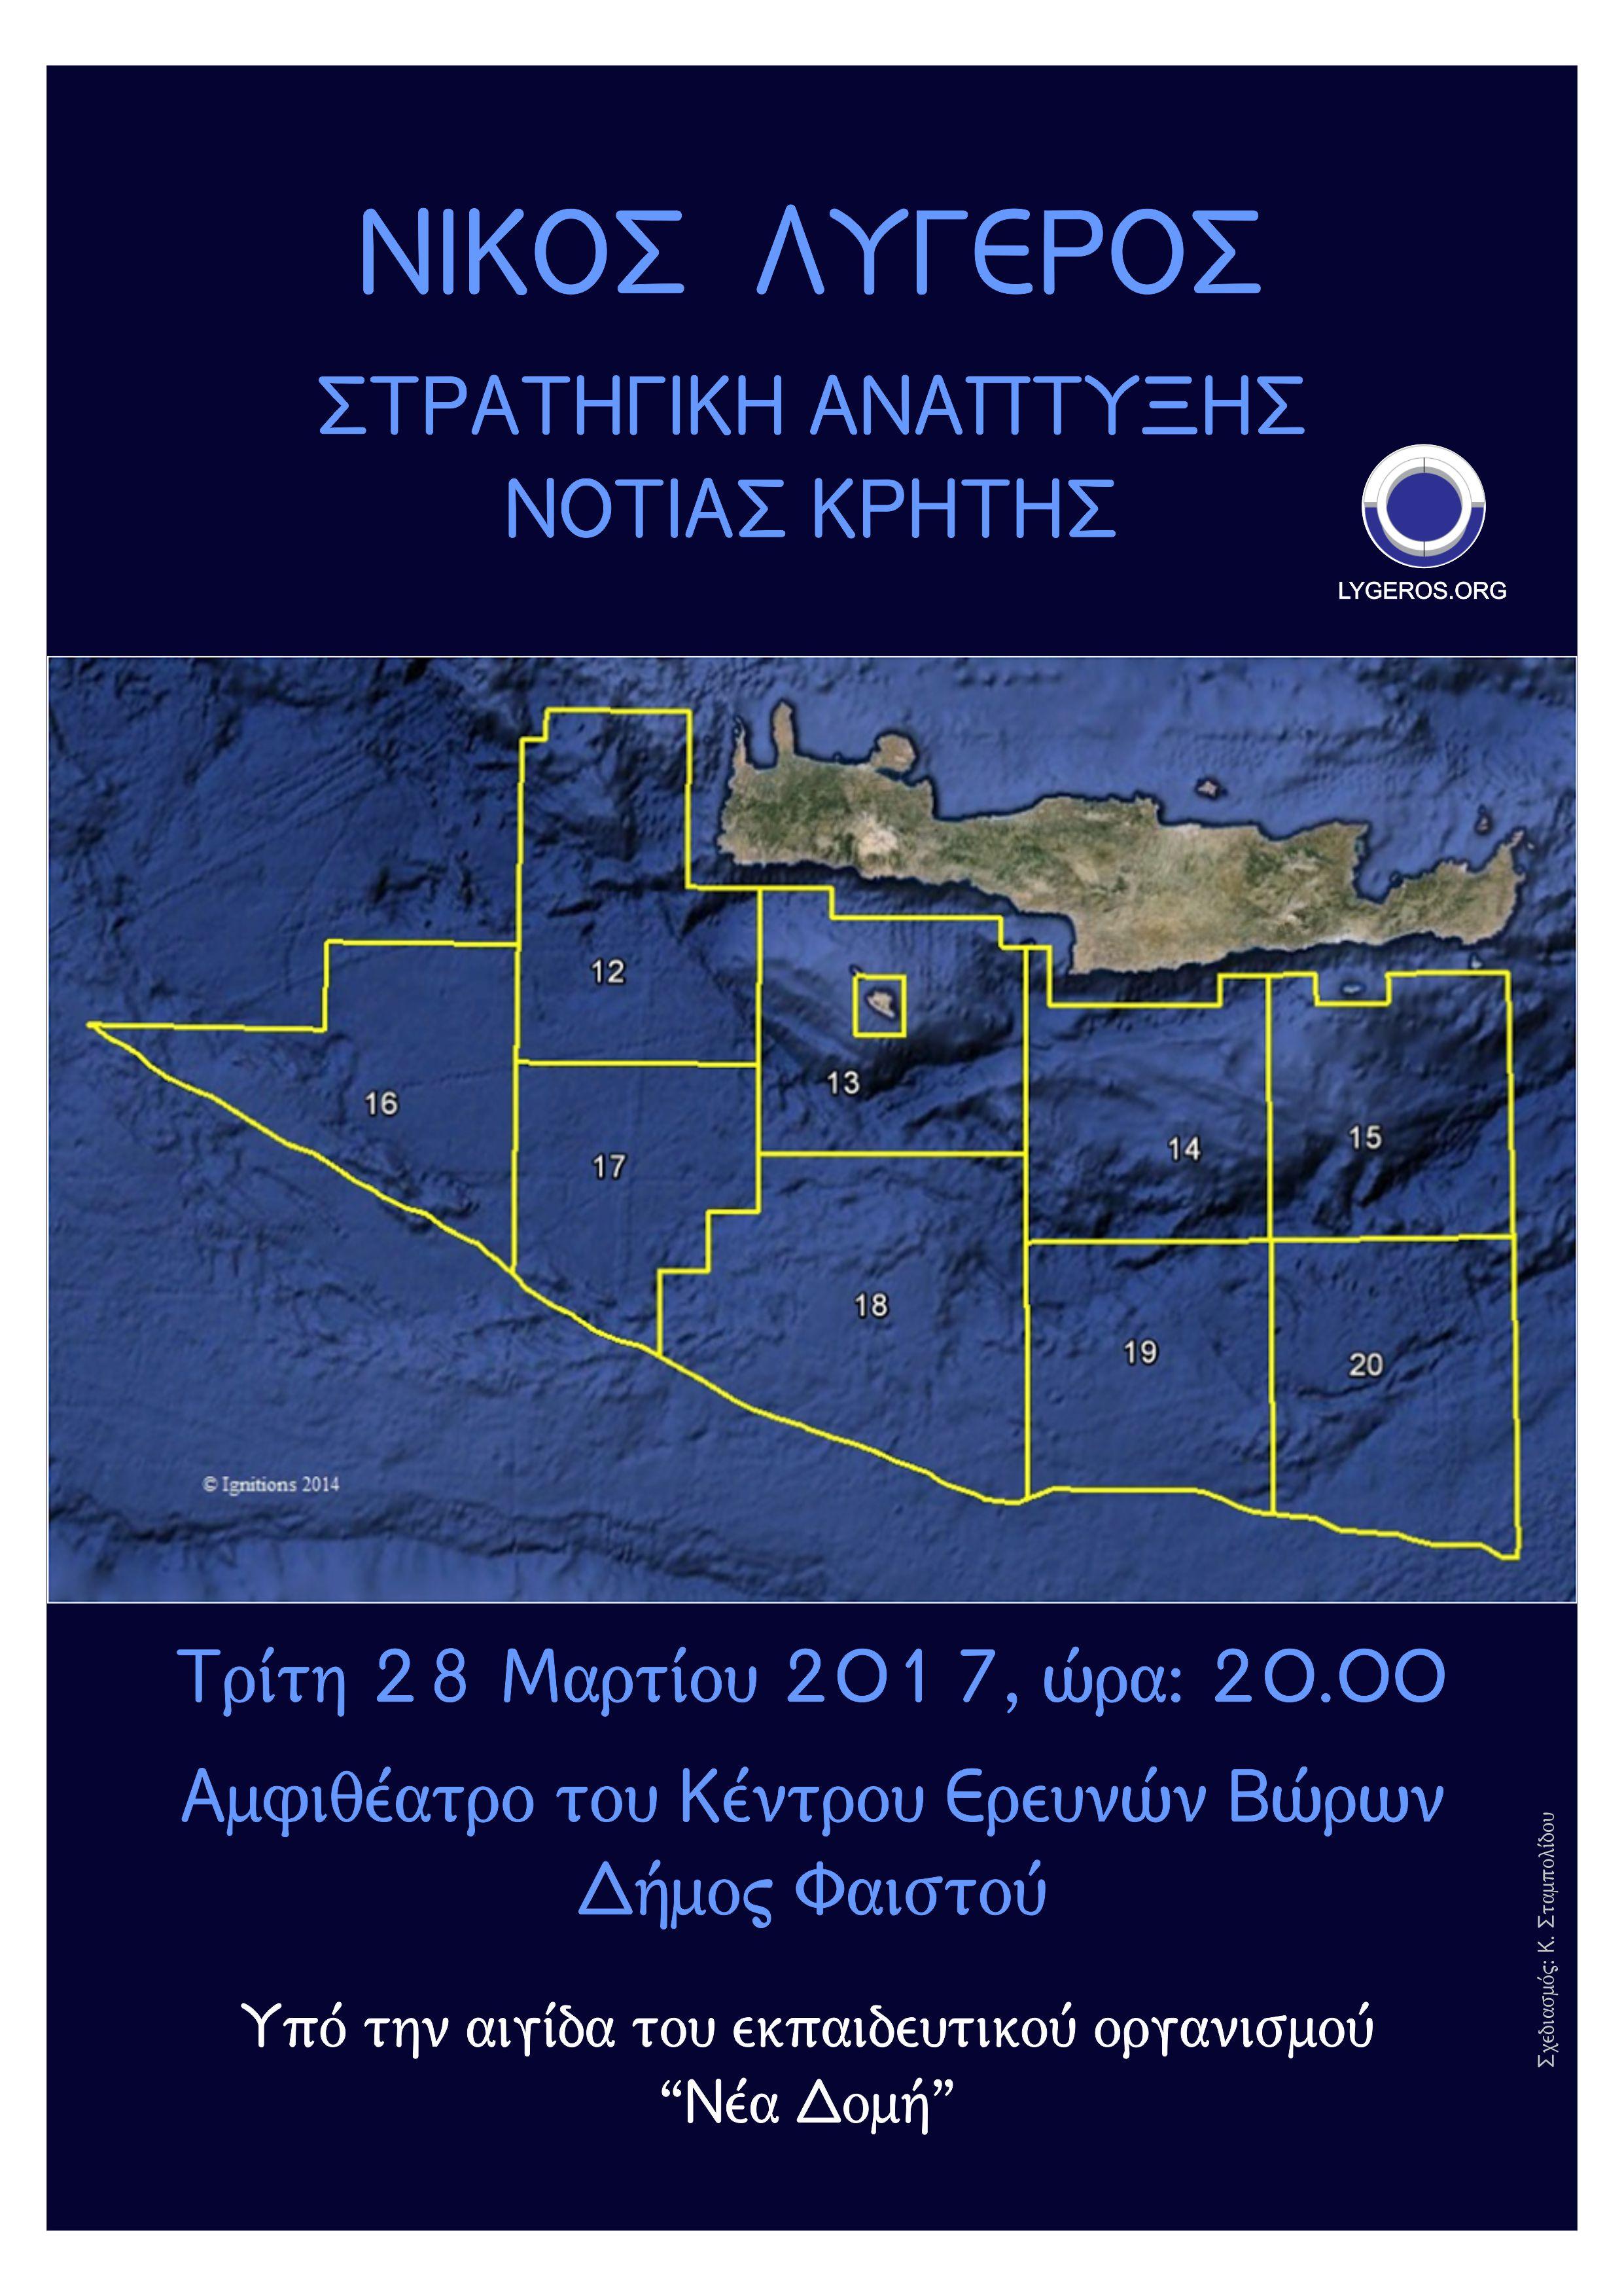 Διάλεξη: Στρατηγική ανάπτυξης Νότιας Κρήτης